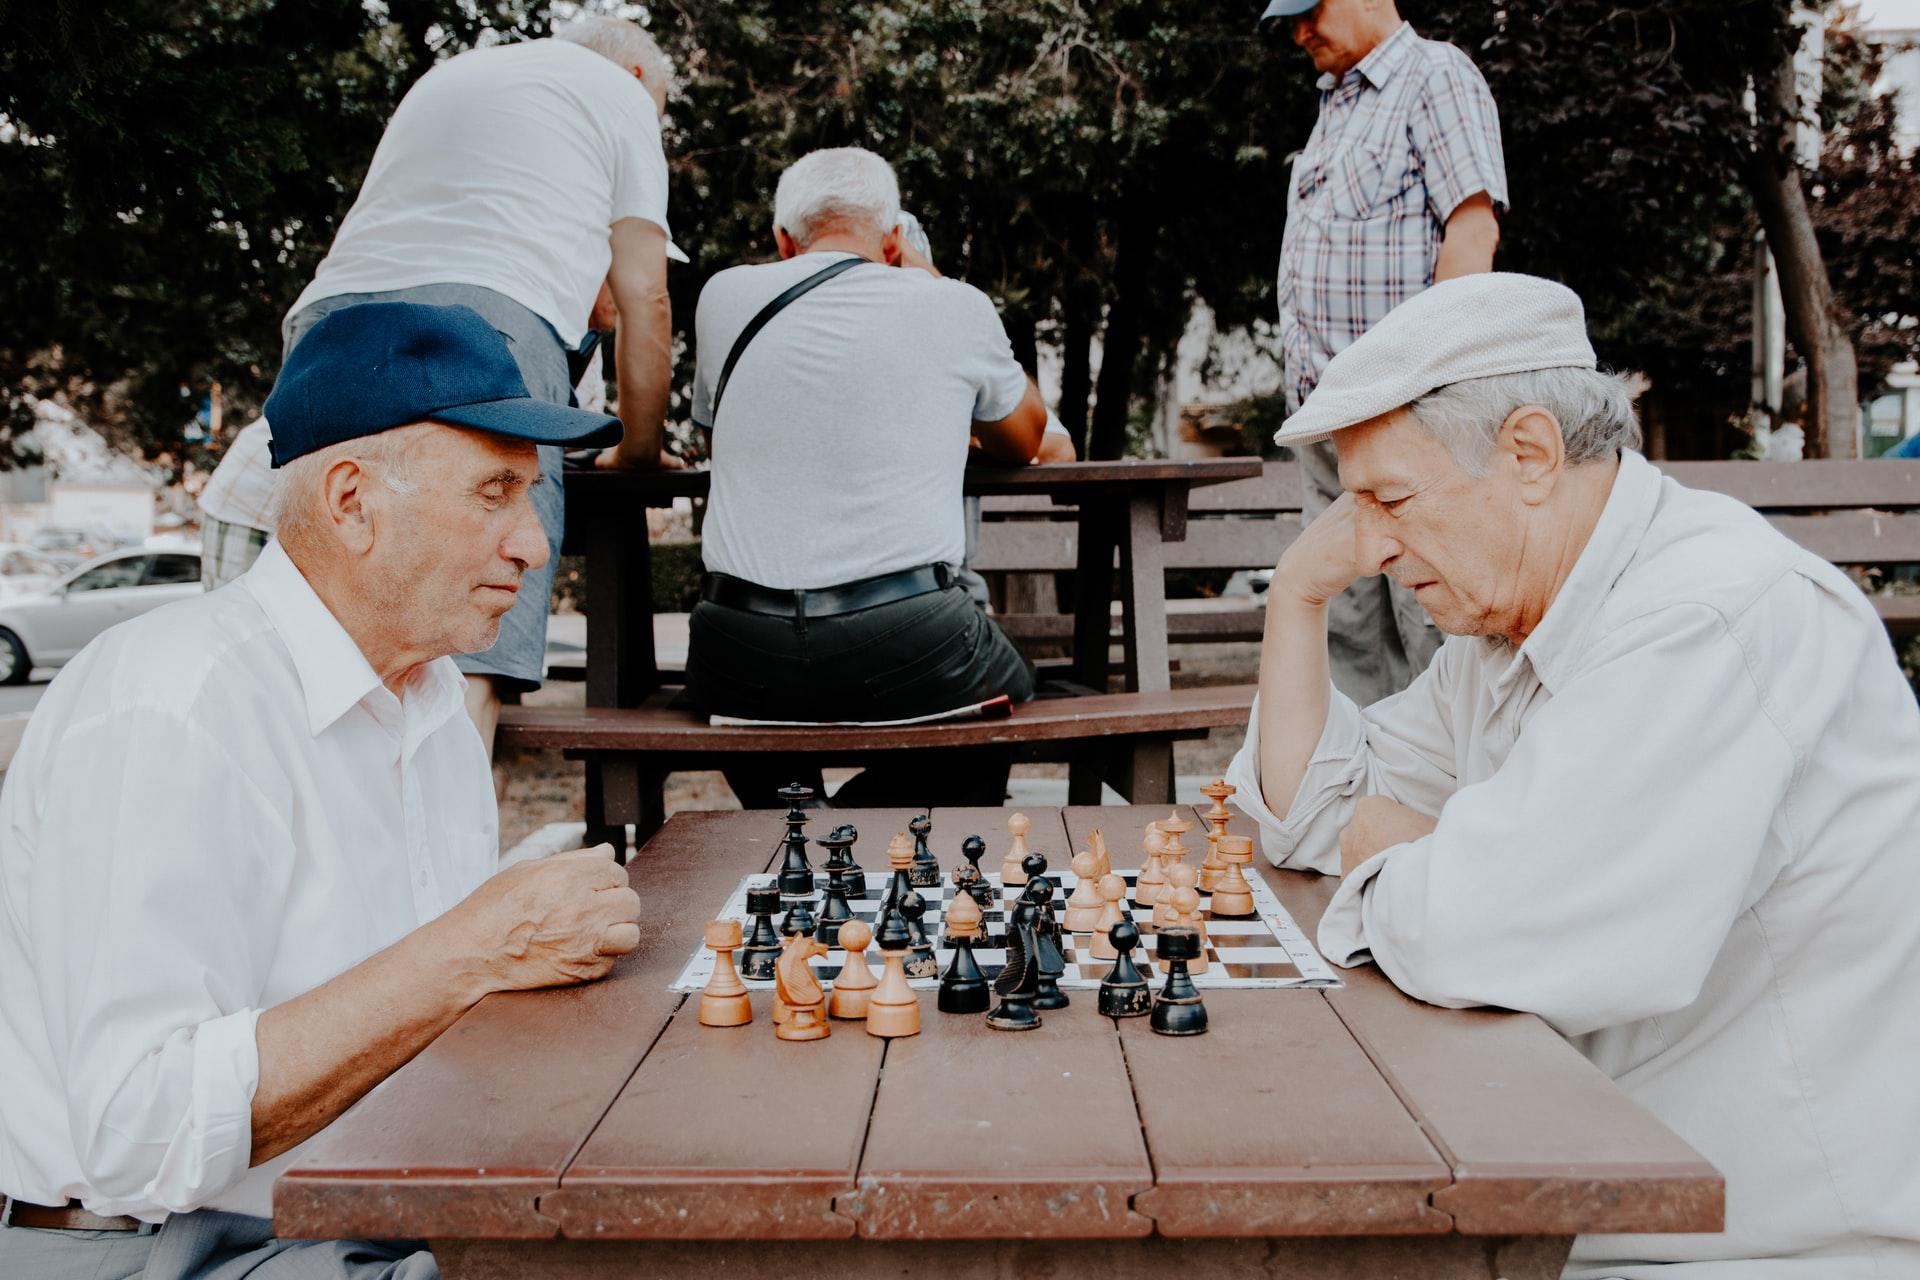 チェスをする老人たち